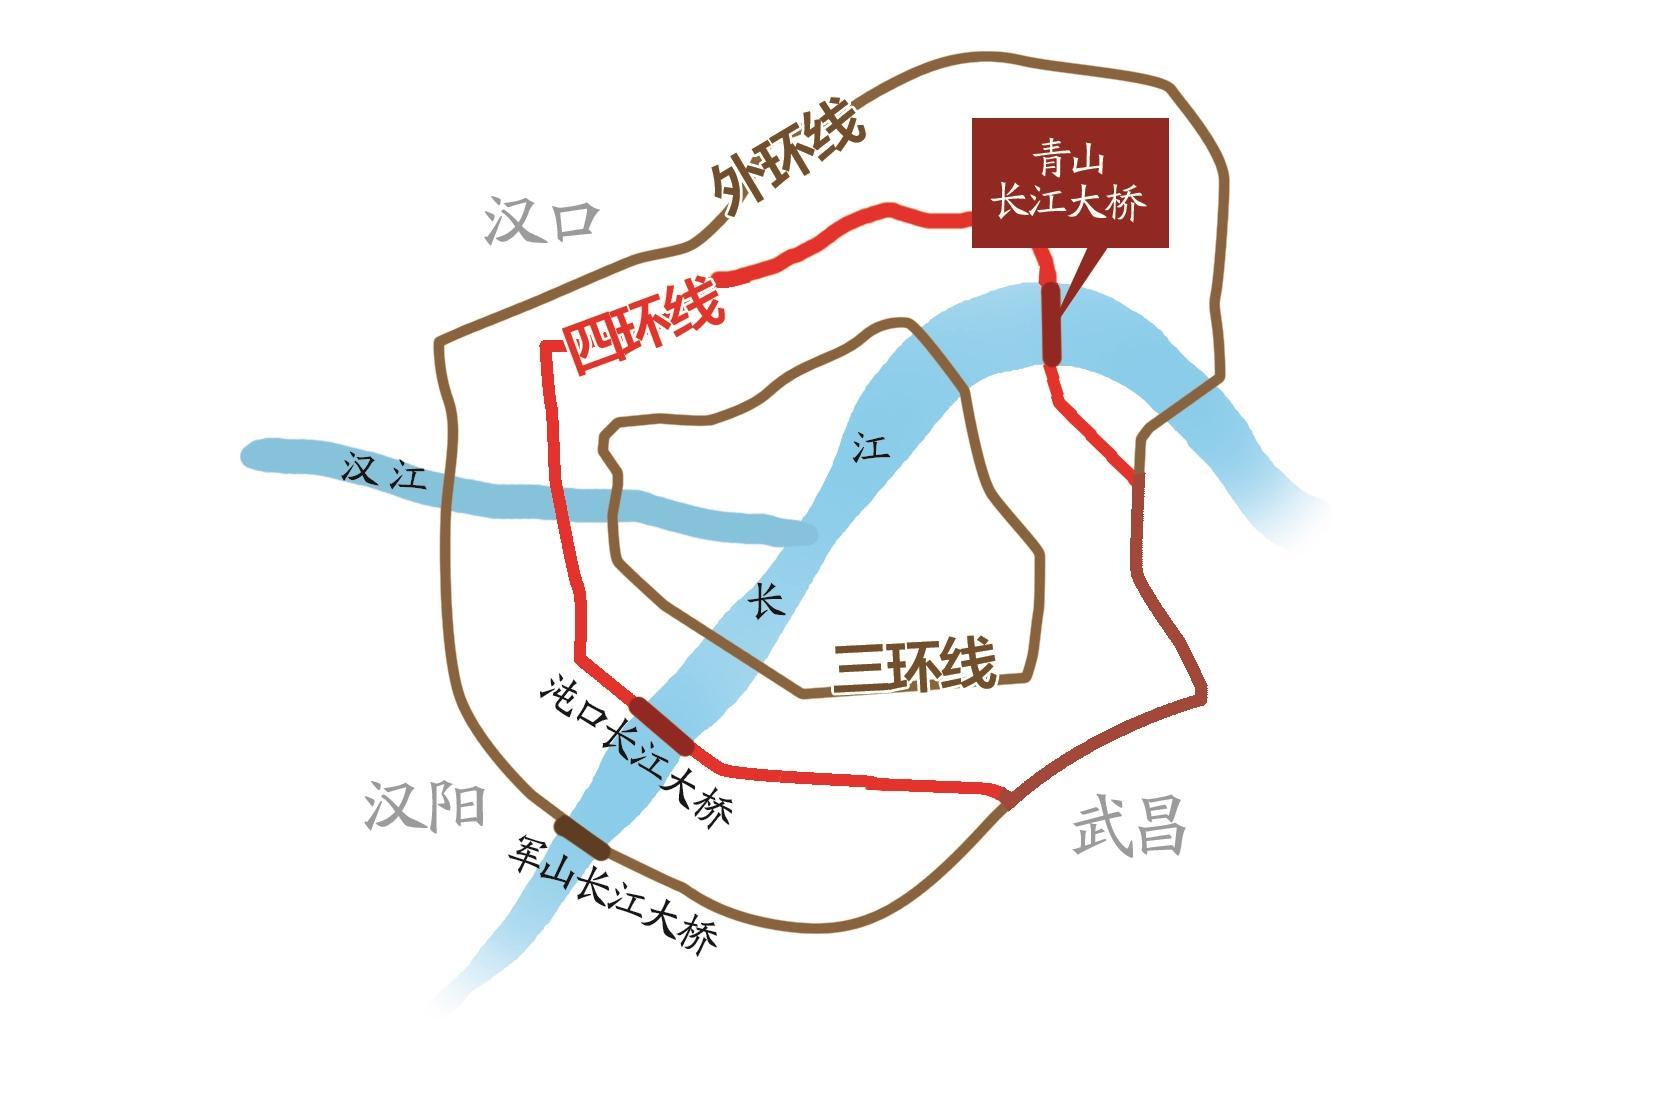 """武汉四环线正式开通全线运营 148公里长的四环""""画圆"""""""